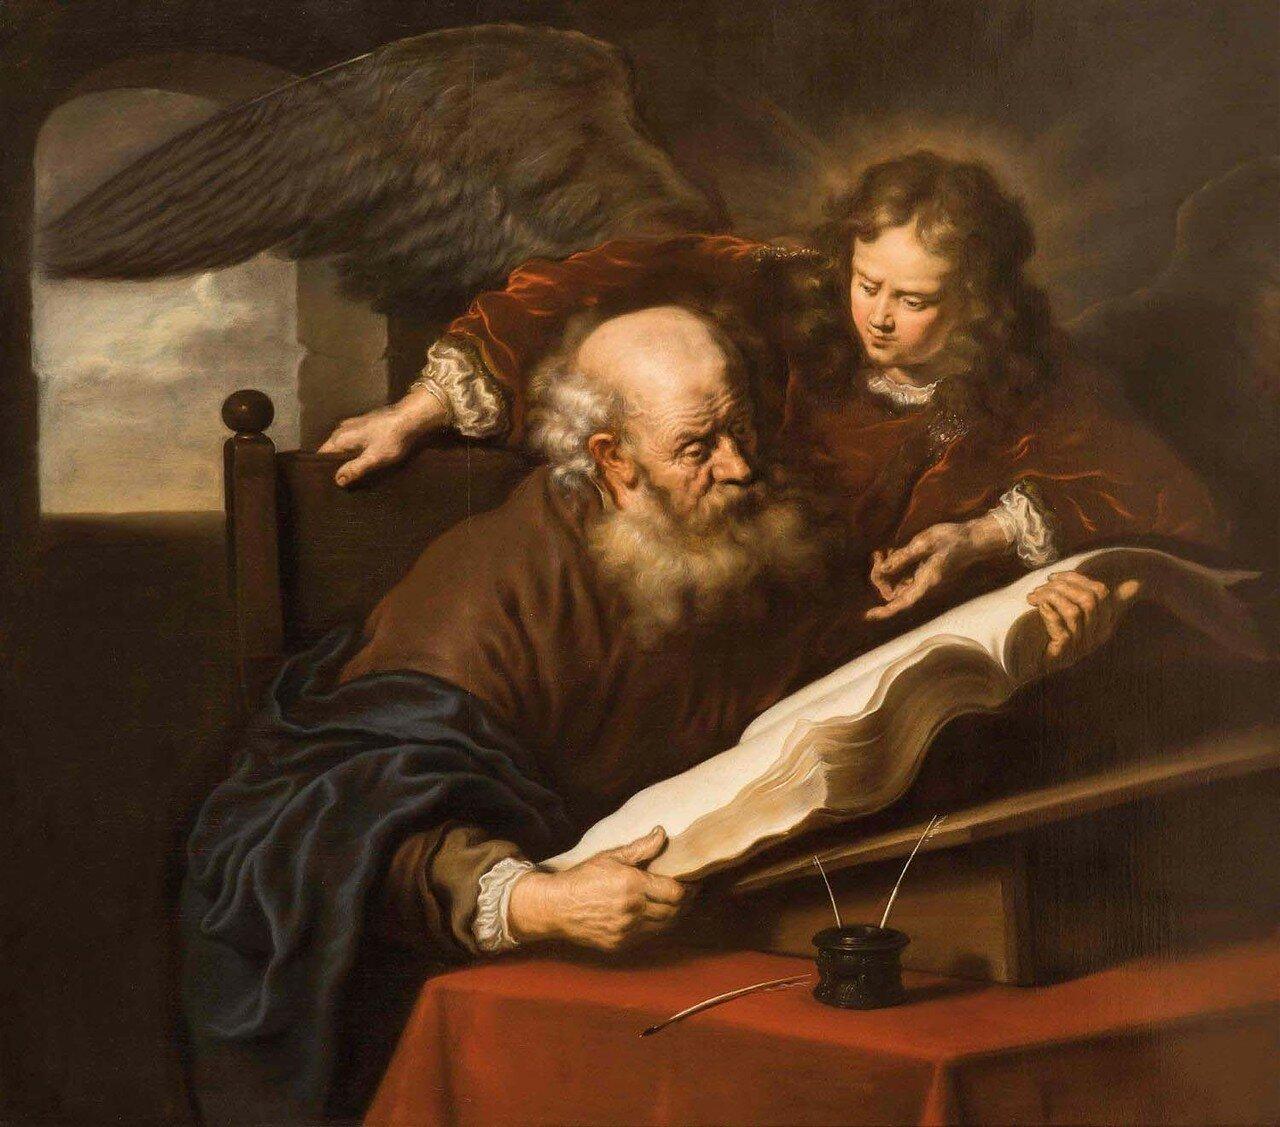 Святой Матфей (Saint Matthew)_167 x 149_х.,м._Частное собрание.jpg